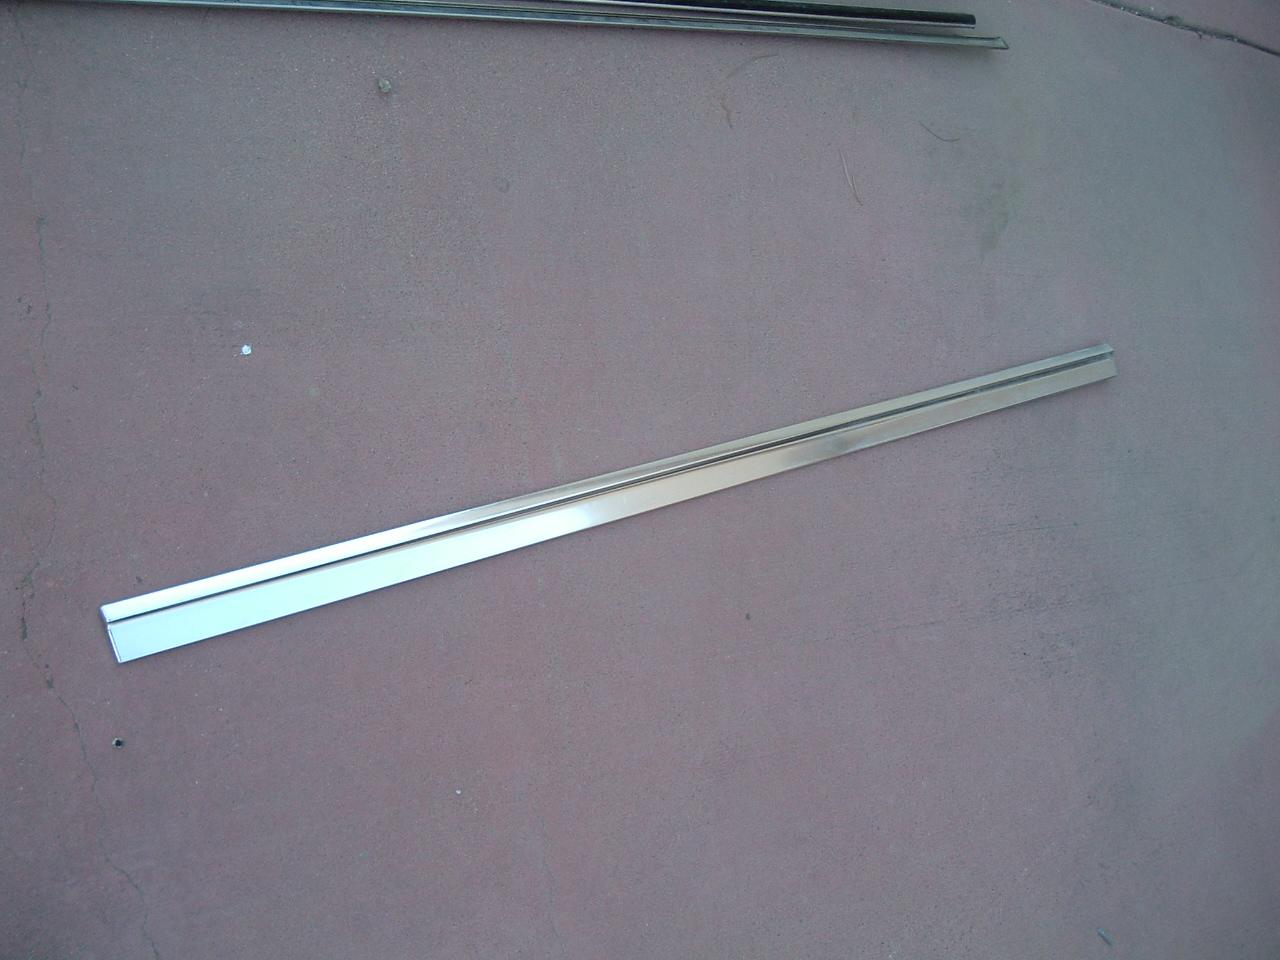 1967 chevrolet caprice door molding # 4229469 (z 4229469)